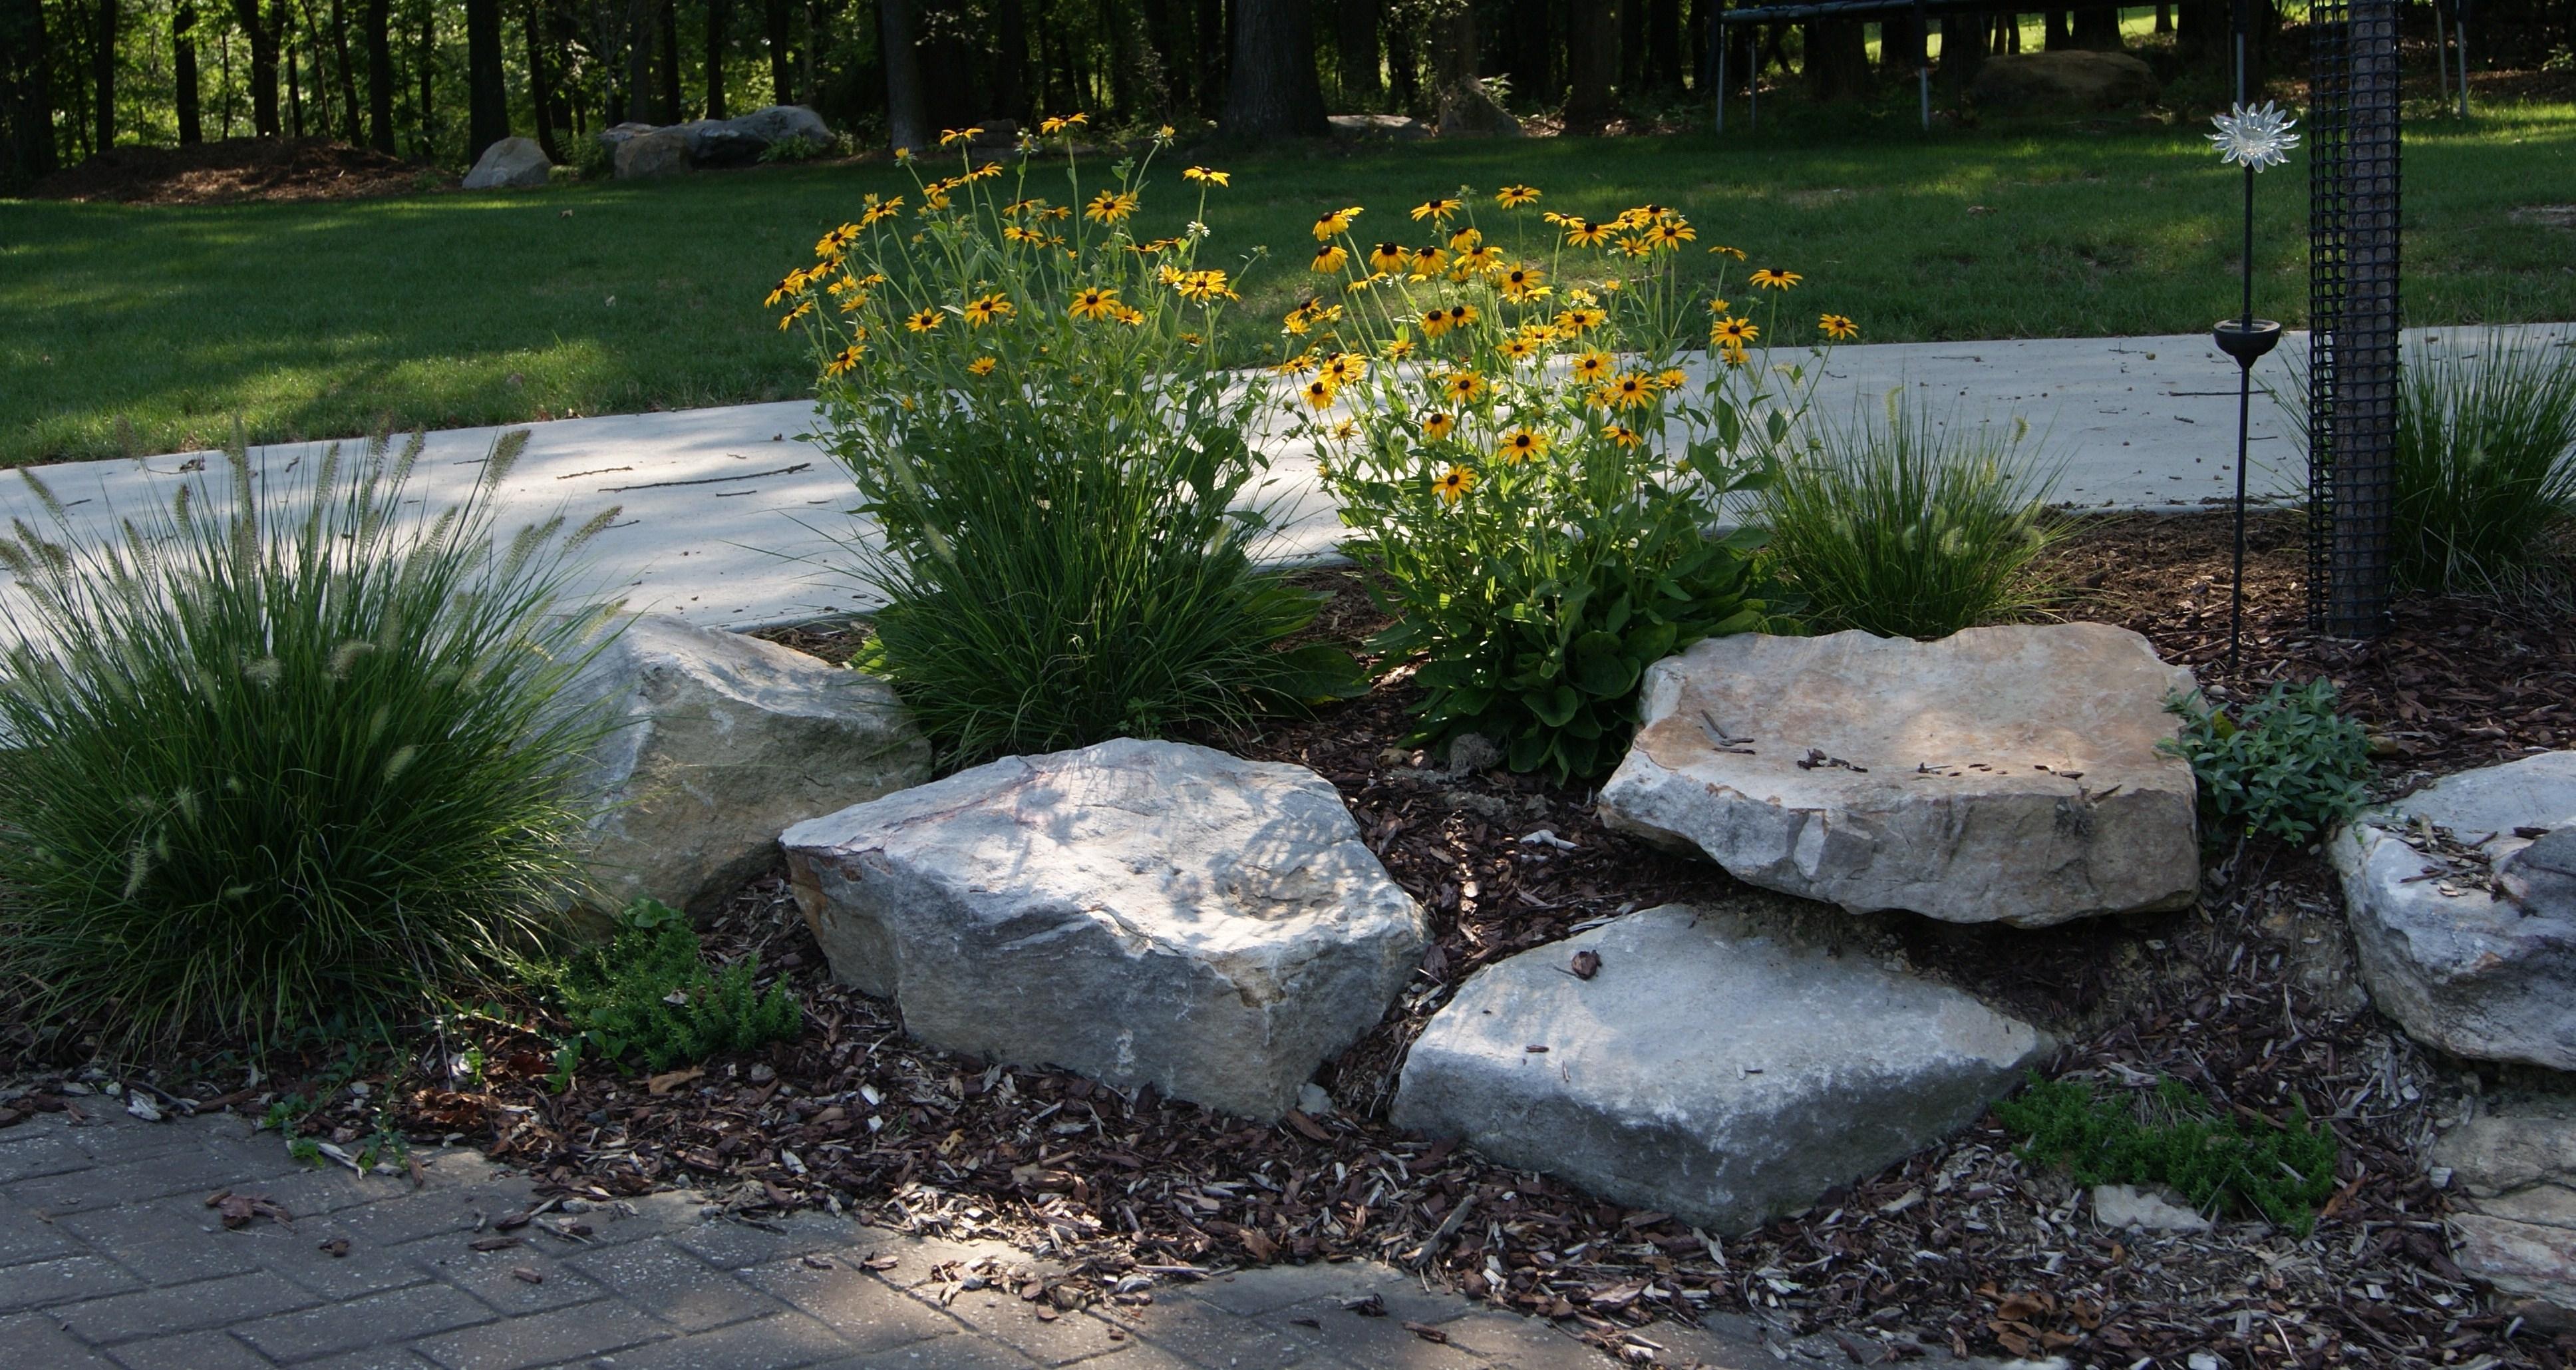 Sassi da giardino progettazione giardini usare sassi in giardino - Giardini decorati con sassi ...